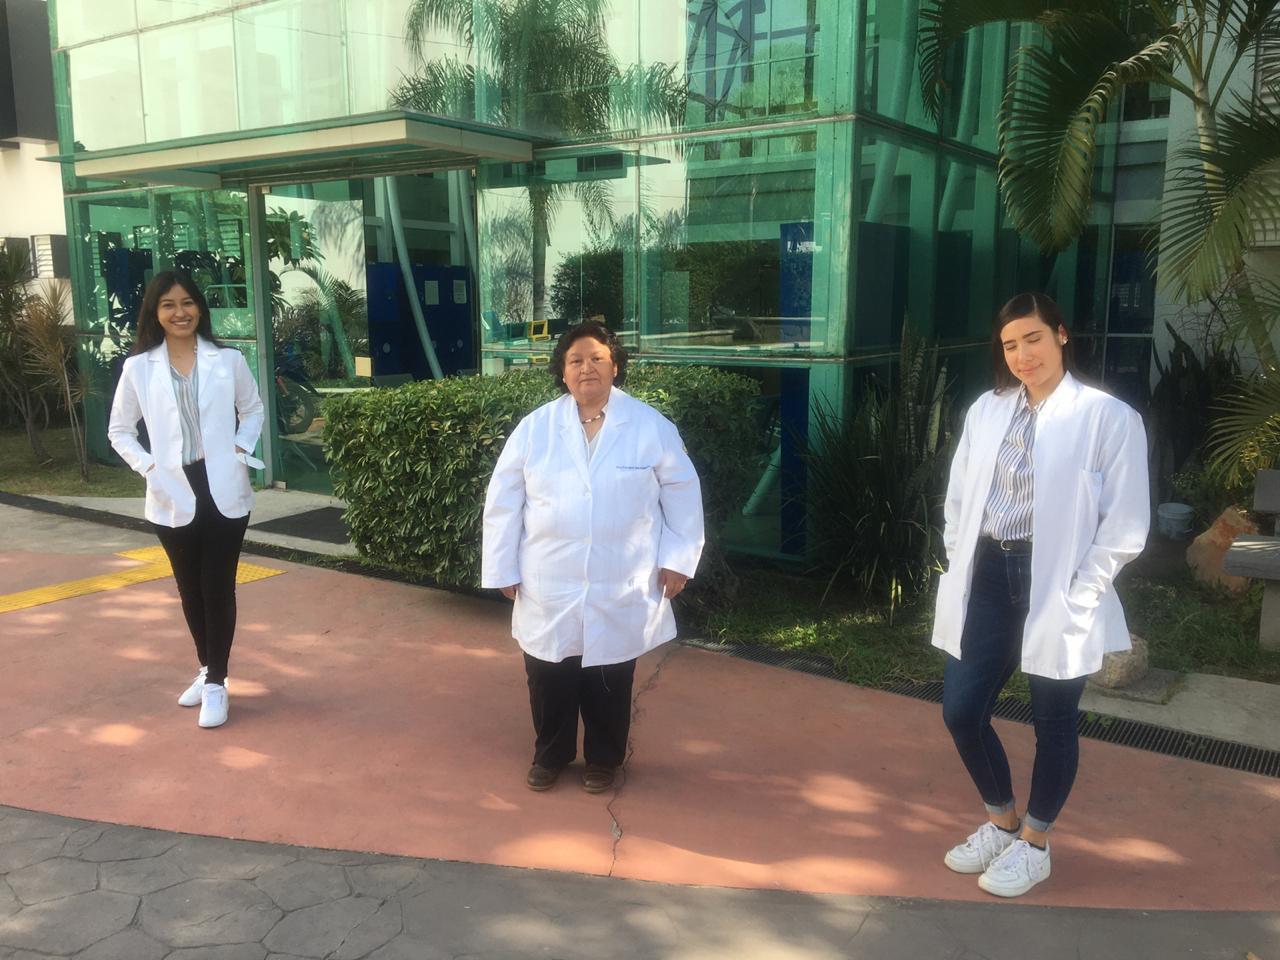 Grupo de ganadoras del Premio Código Ciencia 2020 afuera de la biblioteca